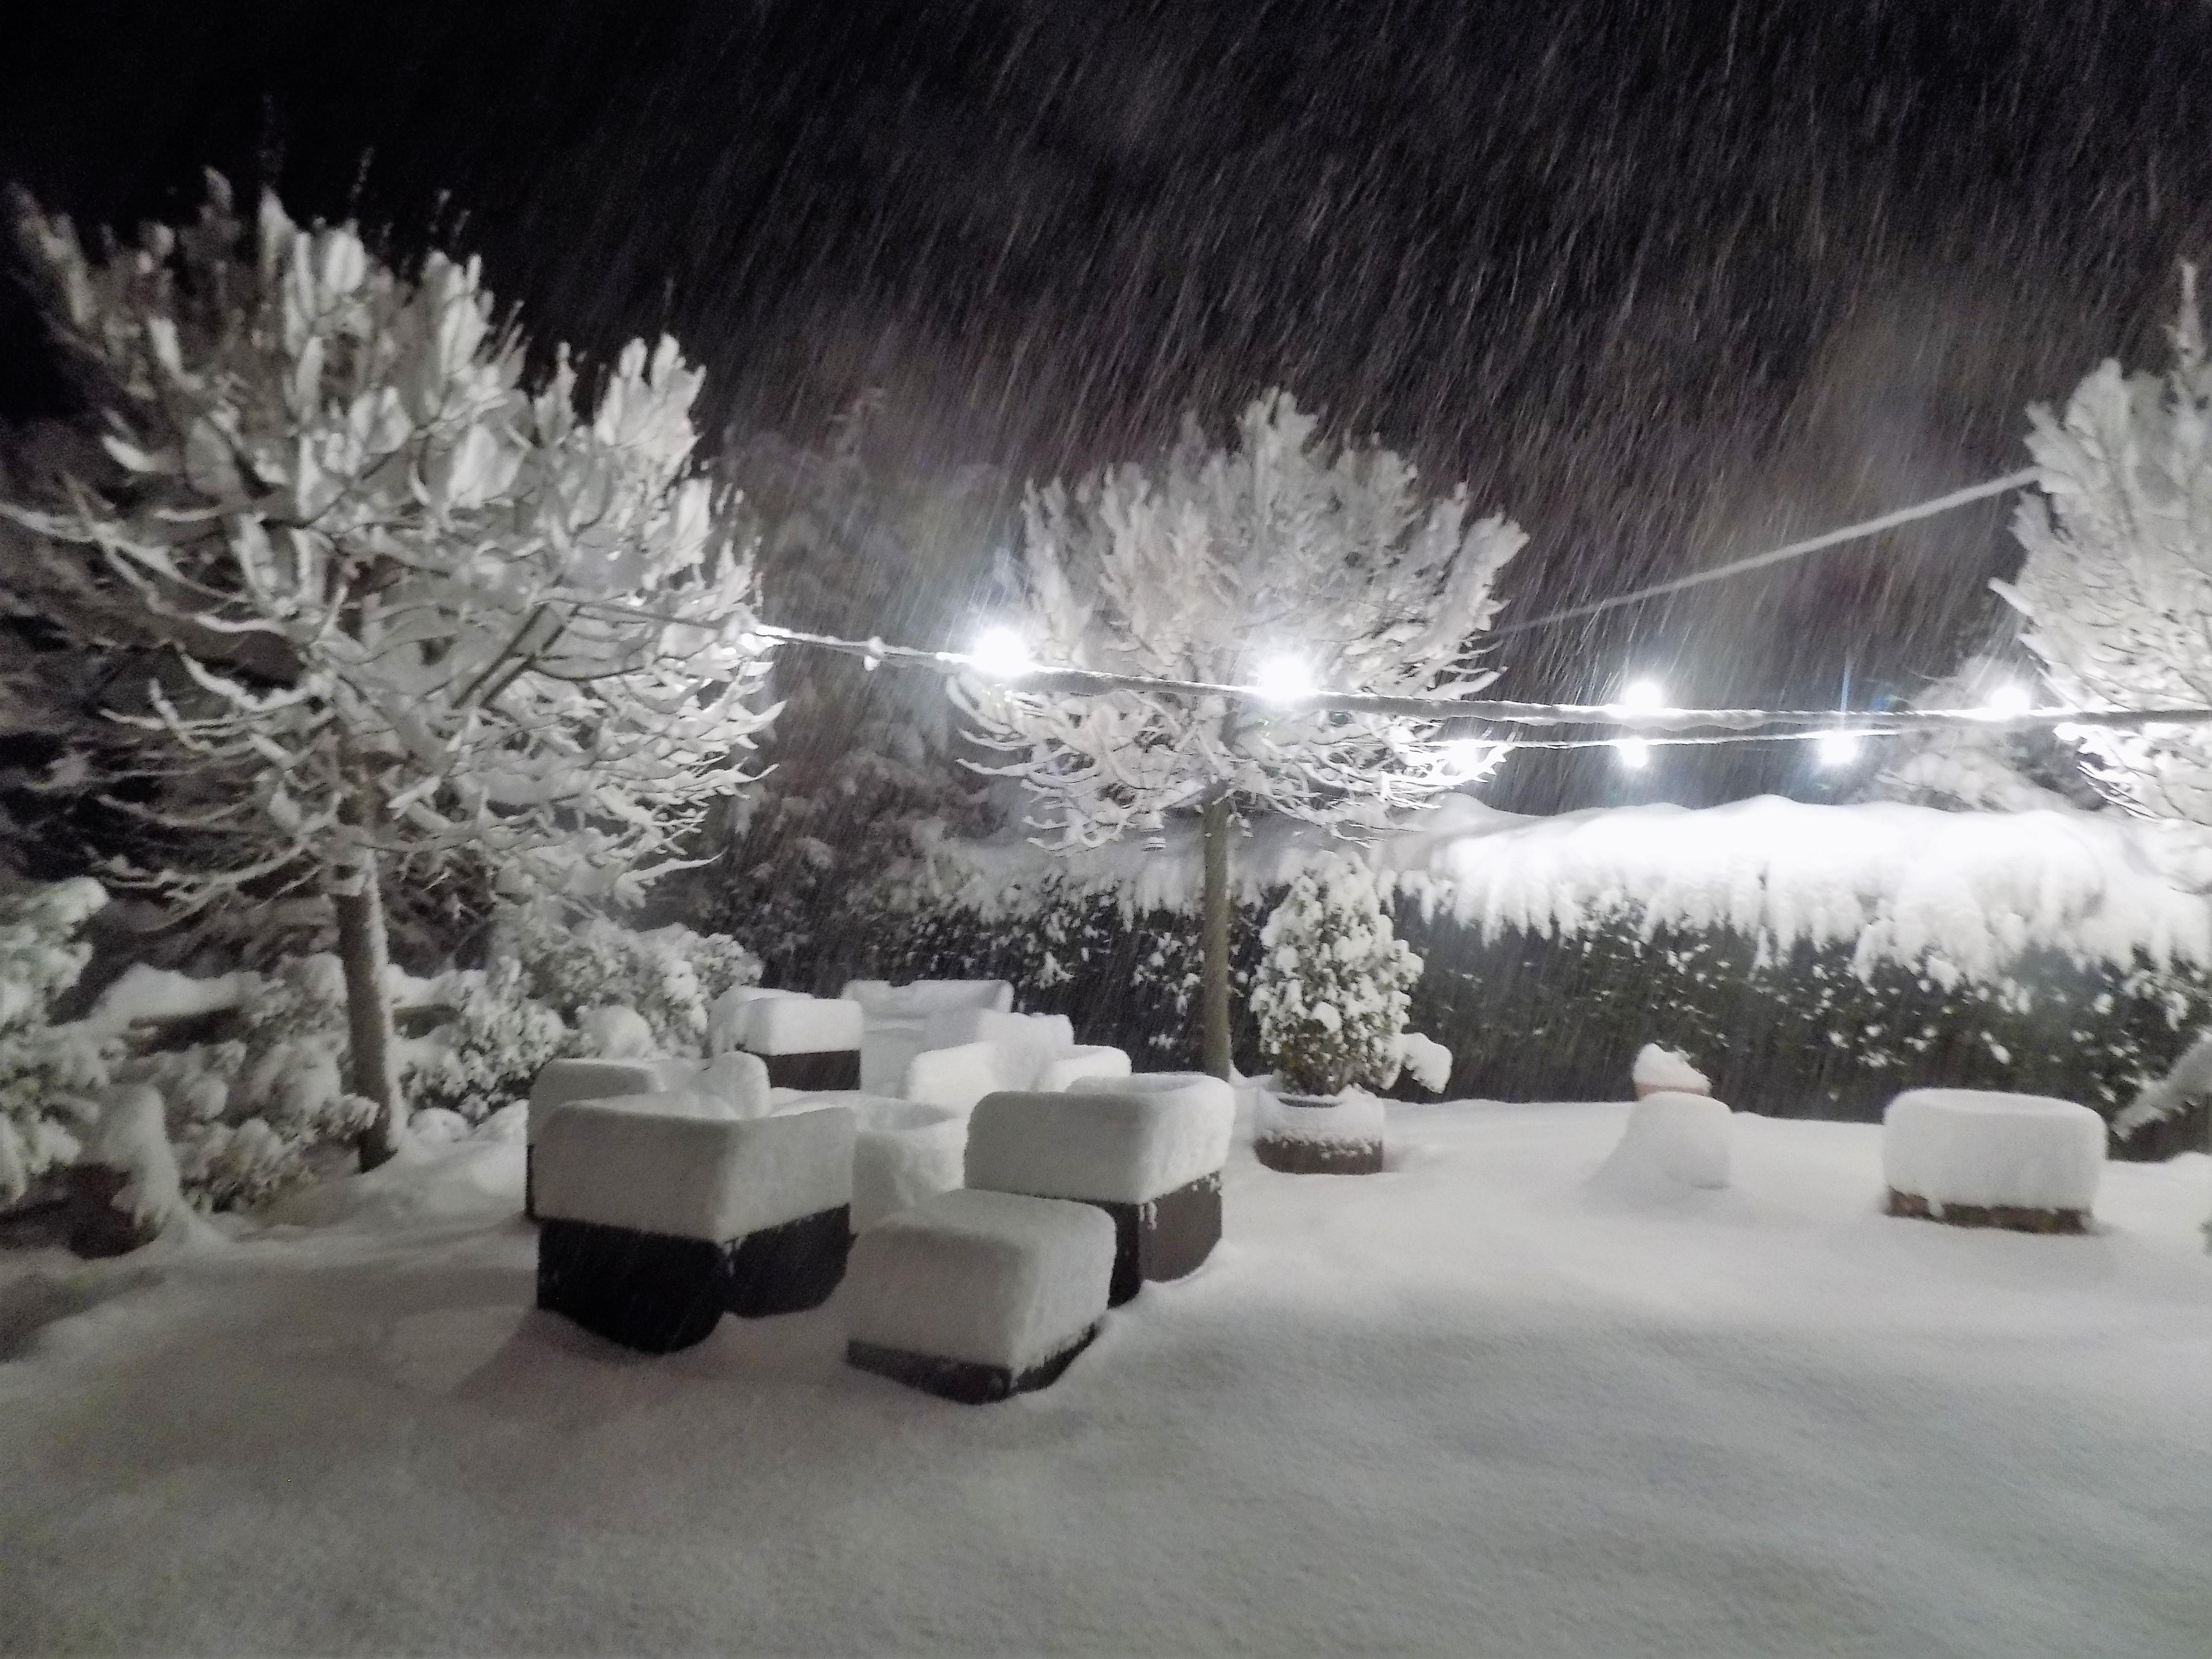 terraza nieve noche